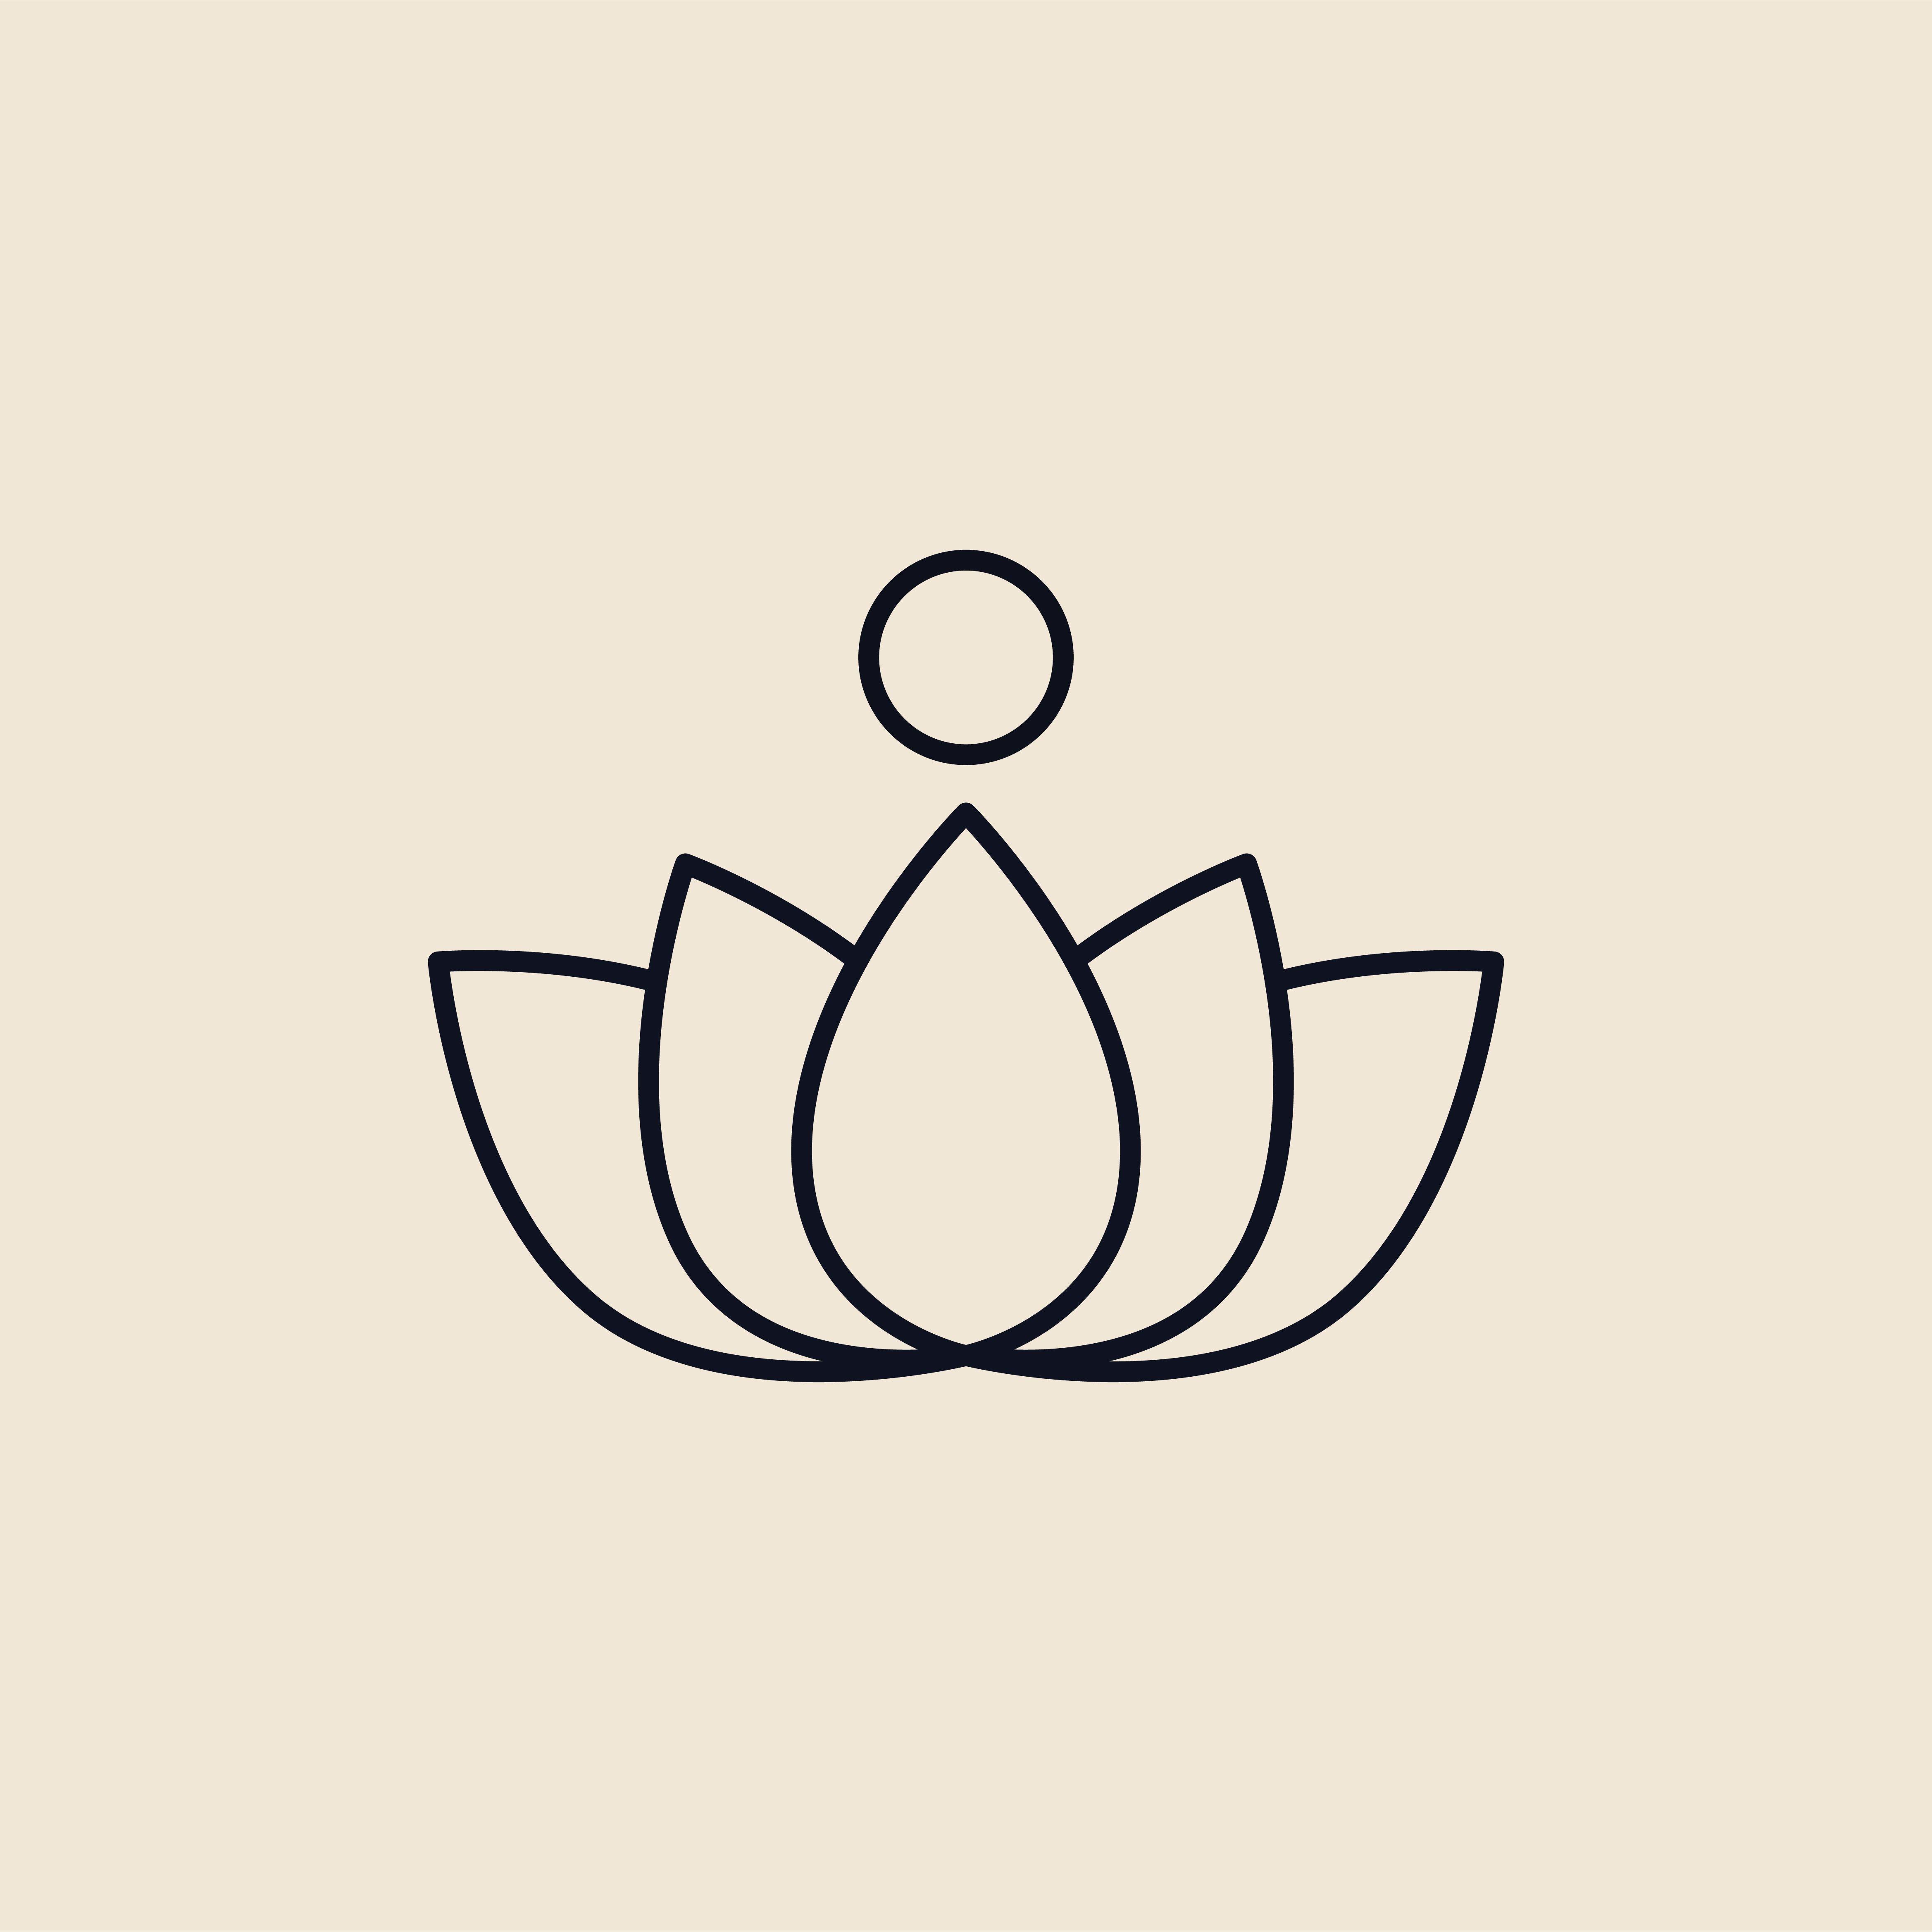 Illustration of a lotus flower Lotus flower logo, Lotus